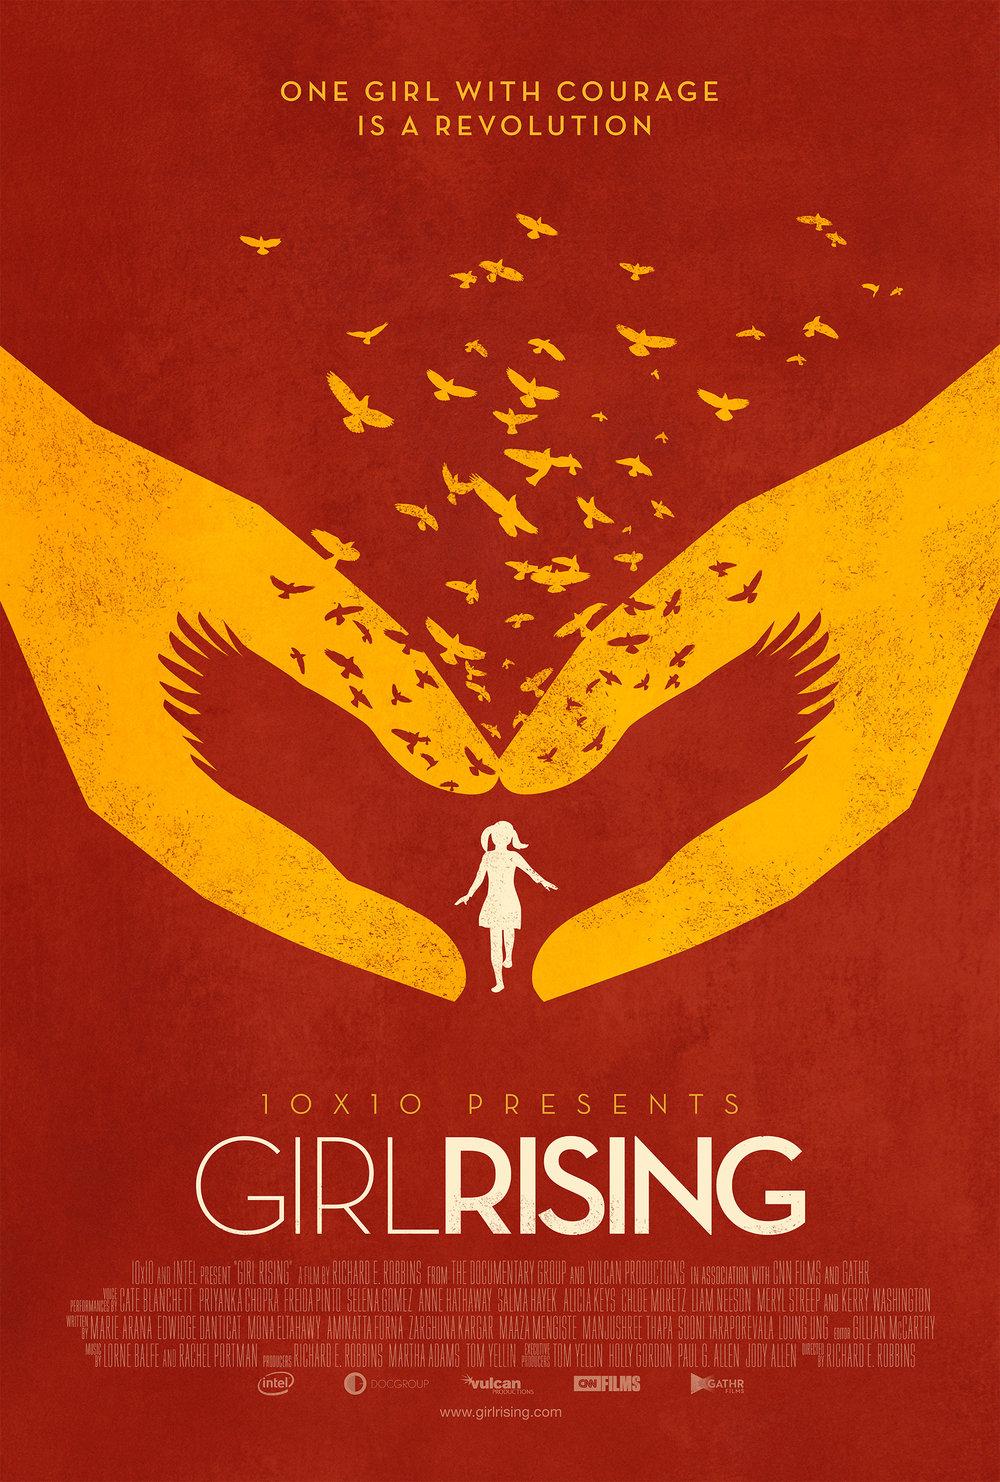 """女孩崛起    """"女孩崛起""""是由公益组织10x10制作的一部纪录片,旨在为全球贫困女童提供平等的教育。这部充满力量的电影聚焦于生活在发展中世界的女孩们令人难忘的故事,她们努力超越环境,克服似乎无法克服的困难来实现她们的梦想。由奥斯卡奖提名人理查德·E·罗宾斯(Richard E.Robbins)执导,多位著名女作家撰写,并由梅丽尔·斯特里普(Meryl Streep)、克里·华盛顿(Kerry Washington)、安妮·海瑟薇(Anne Hathaway)等知名女演员配音。  阅读更多"""